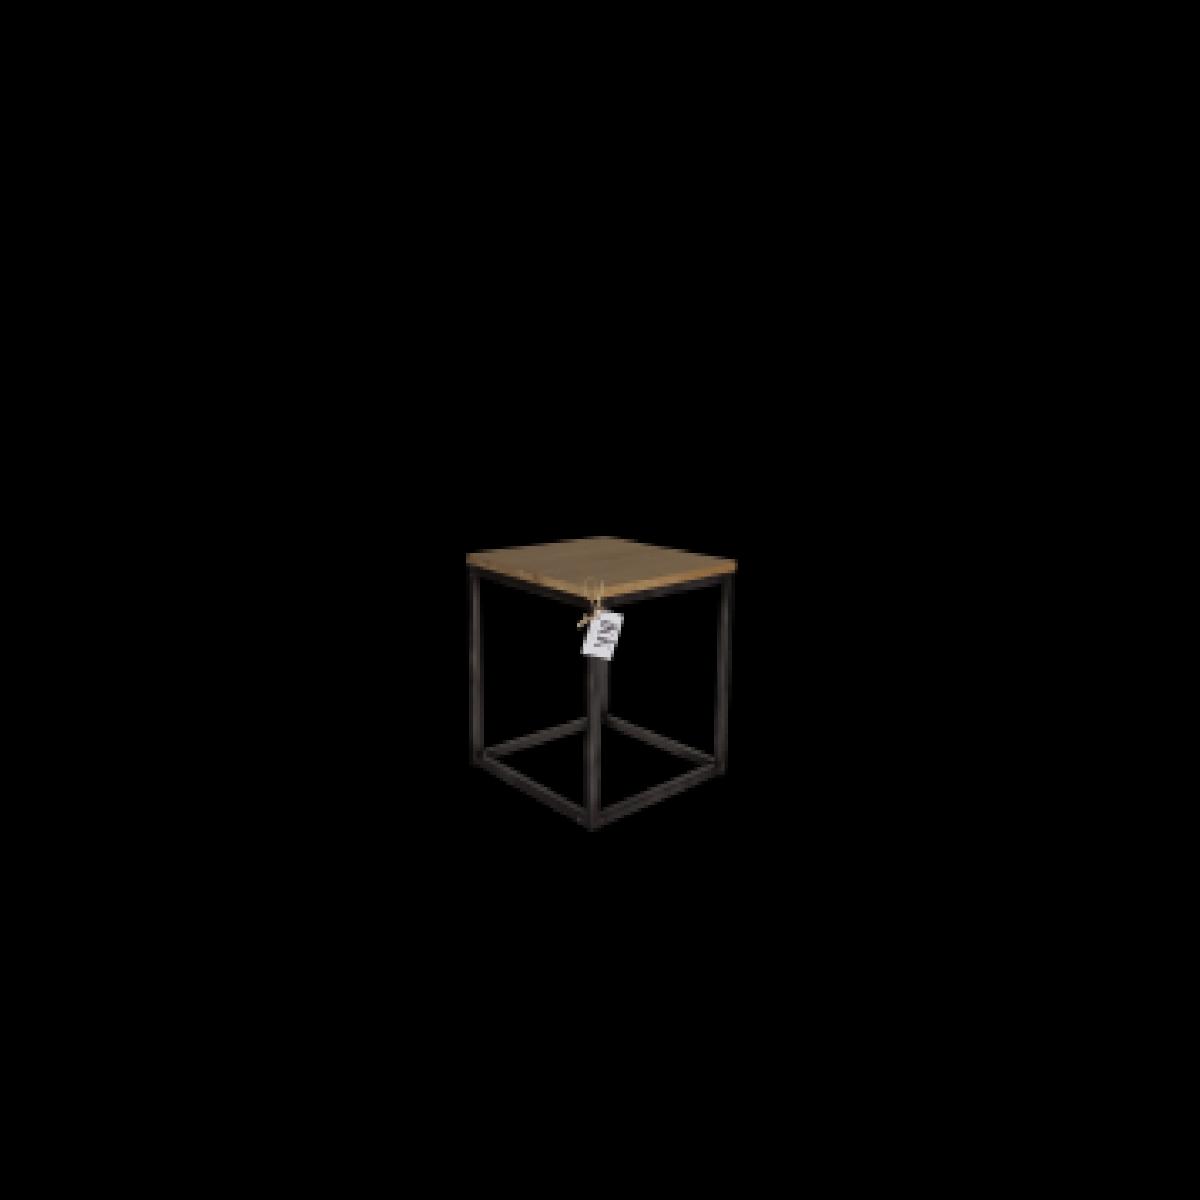 metaalframe-eiken-blad-kruk-bijzettafel